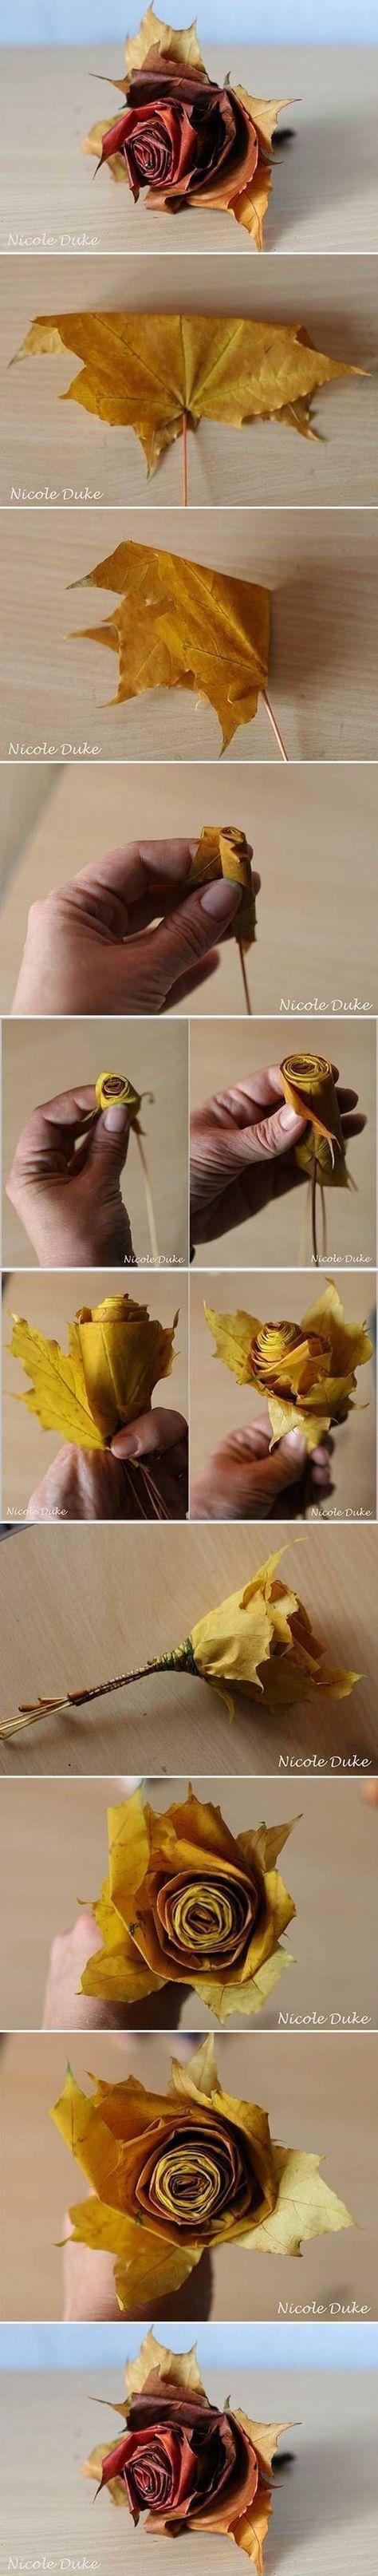 Herbstdeko selber machen - 15 DIY Bastelideen für die dritte Jahreszeit #autumnseason